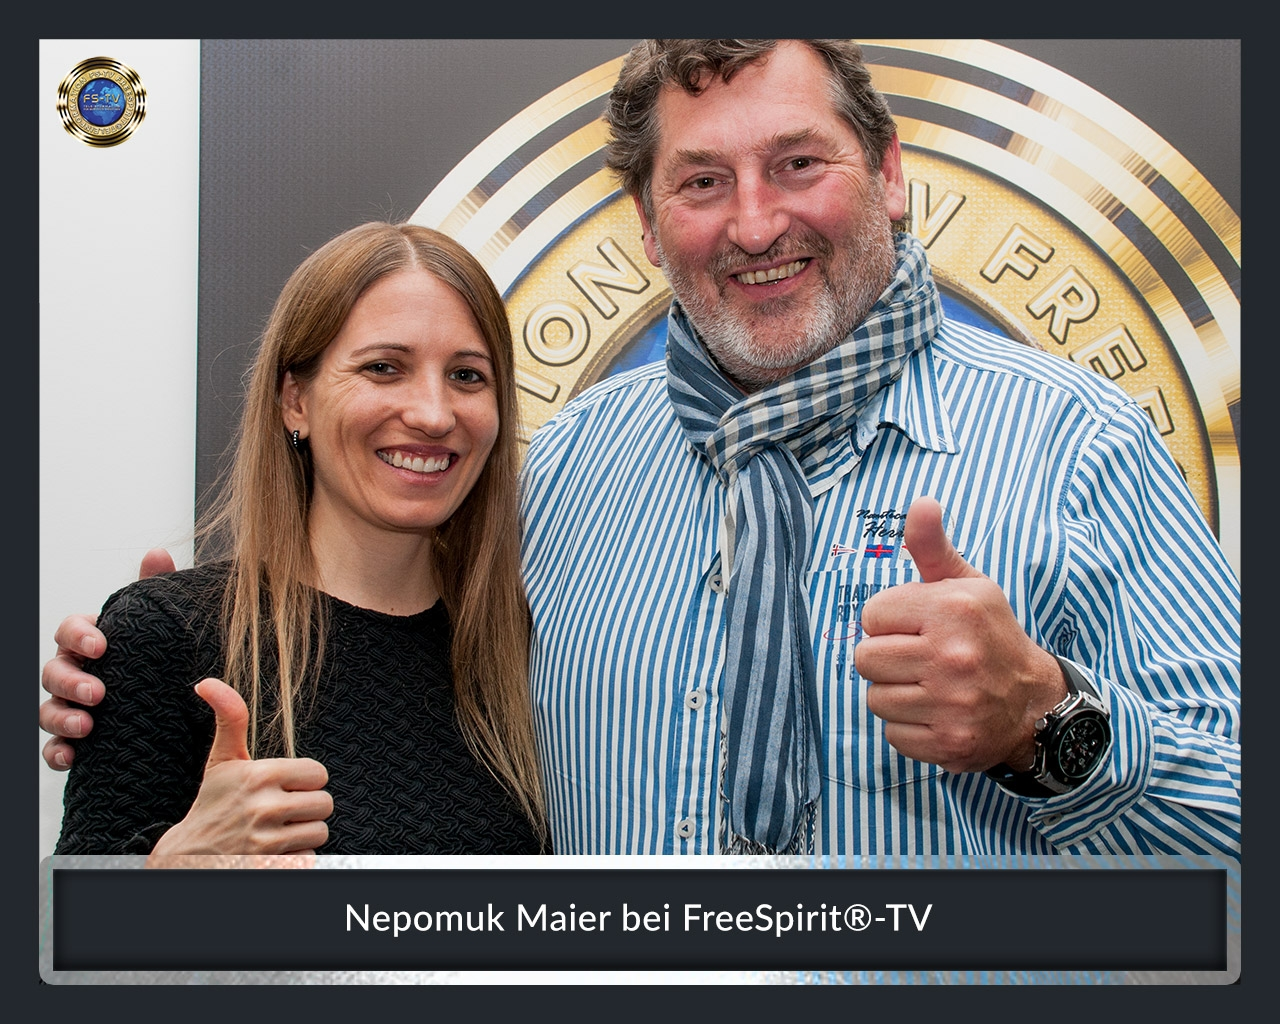 FS-TV-Bildergallerie-Nepomuk-Maier-4